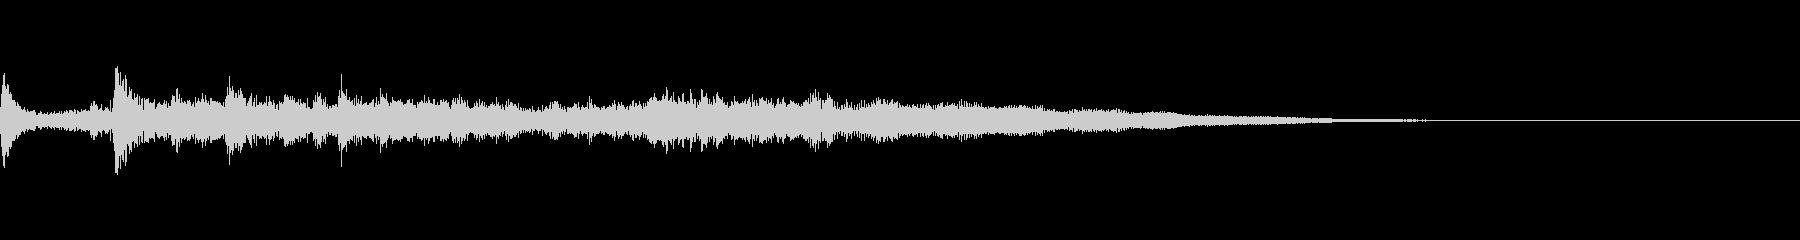 神秘的なアンビエント音(癒し系/静か)の未再生の波形